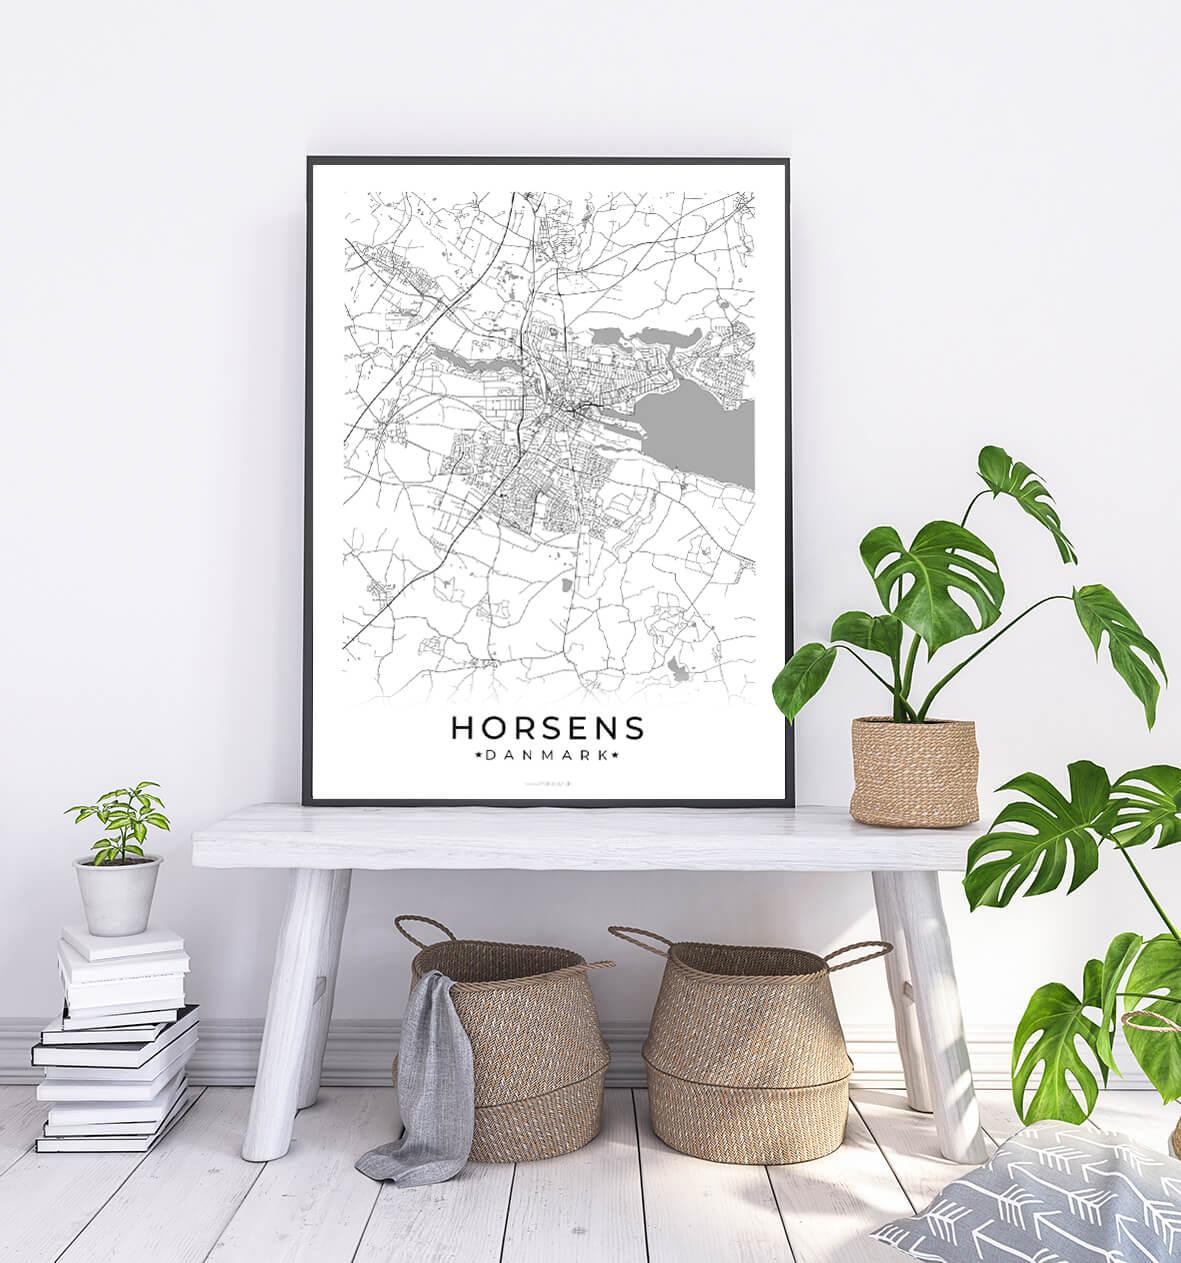 Horsens-hvid-byplakat-1